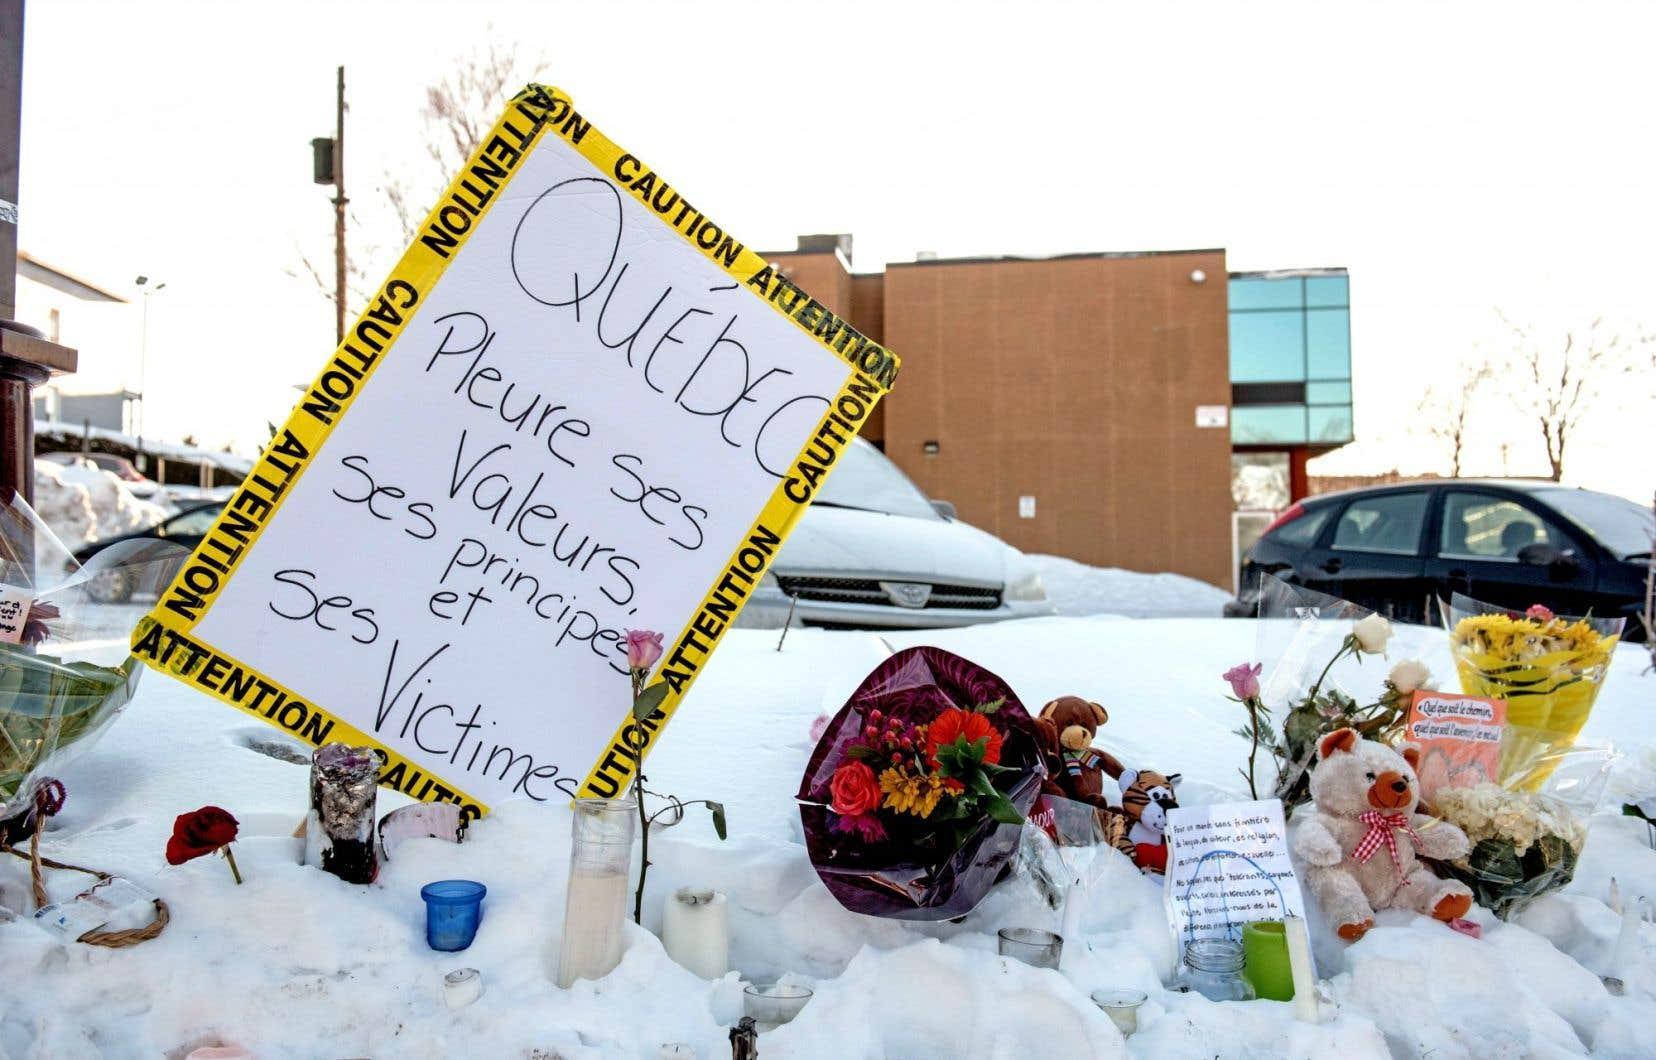 L'après-attentat exige de notre part plus que de simples messages de solidarité, font valoir les auteurs.